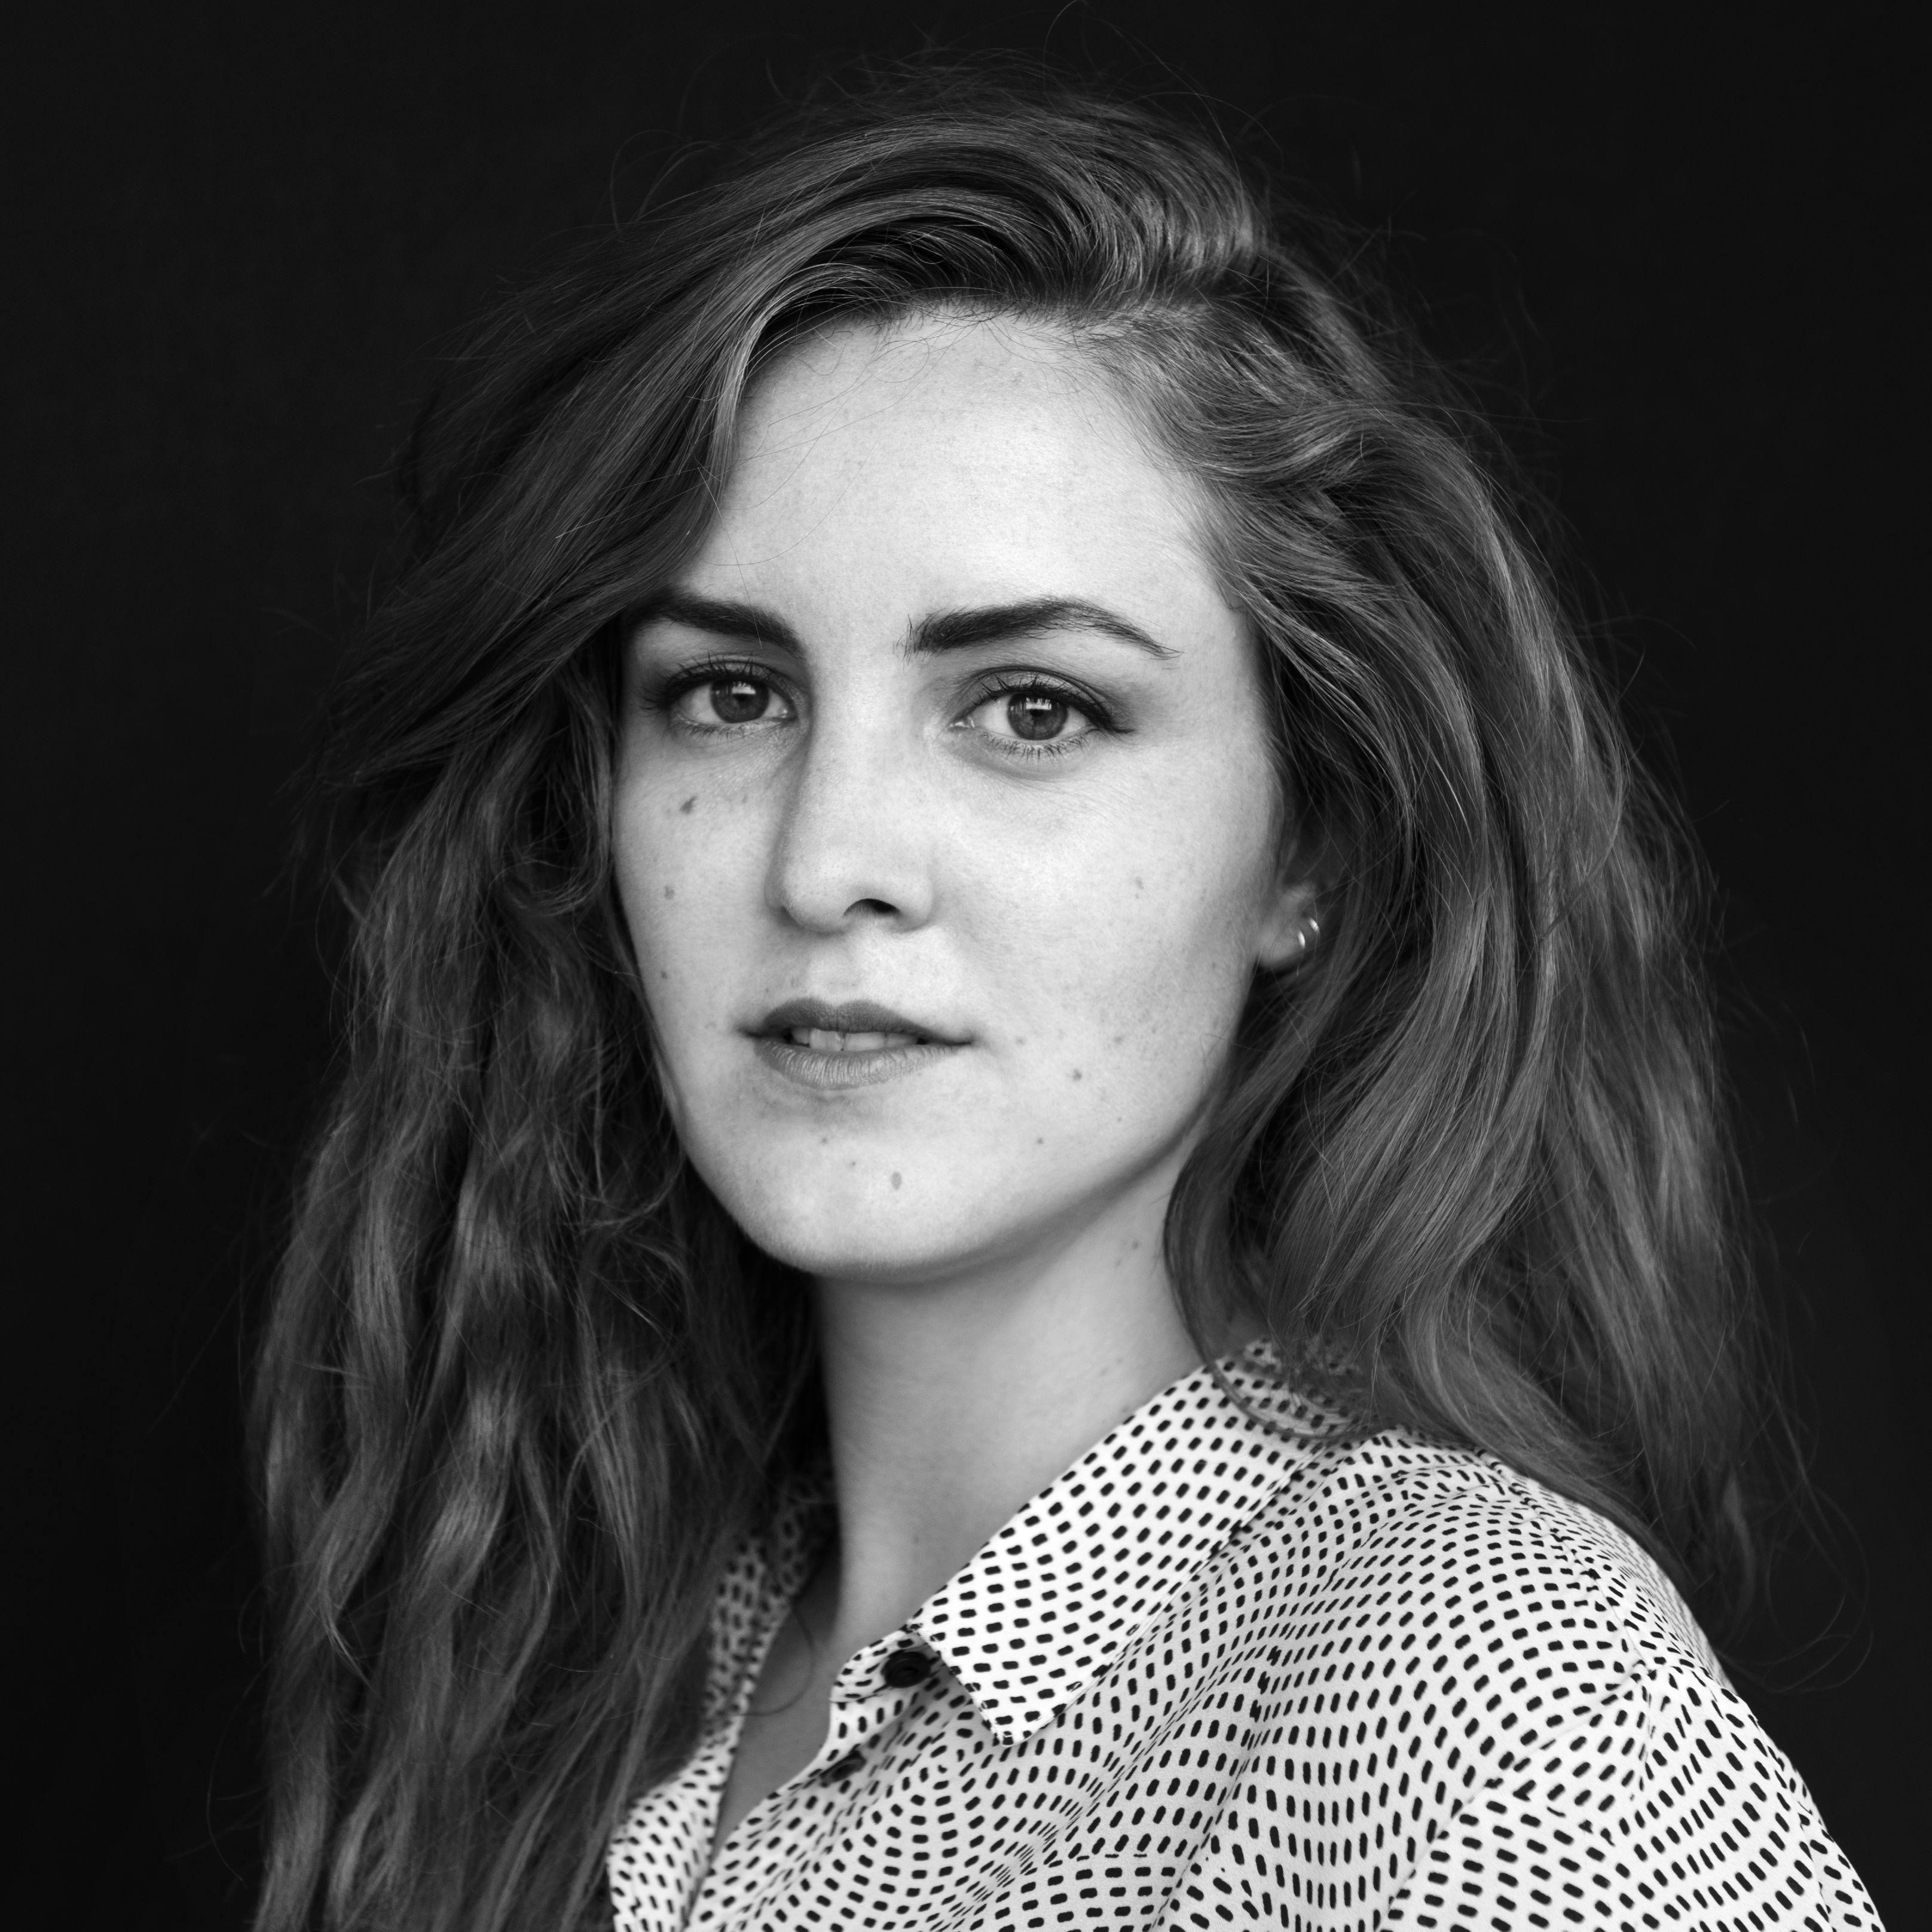 Kelly Josefien Alexandre